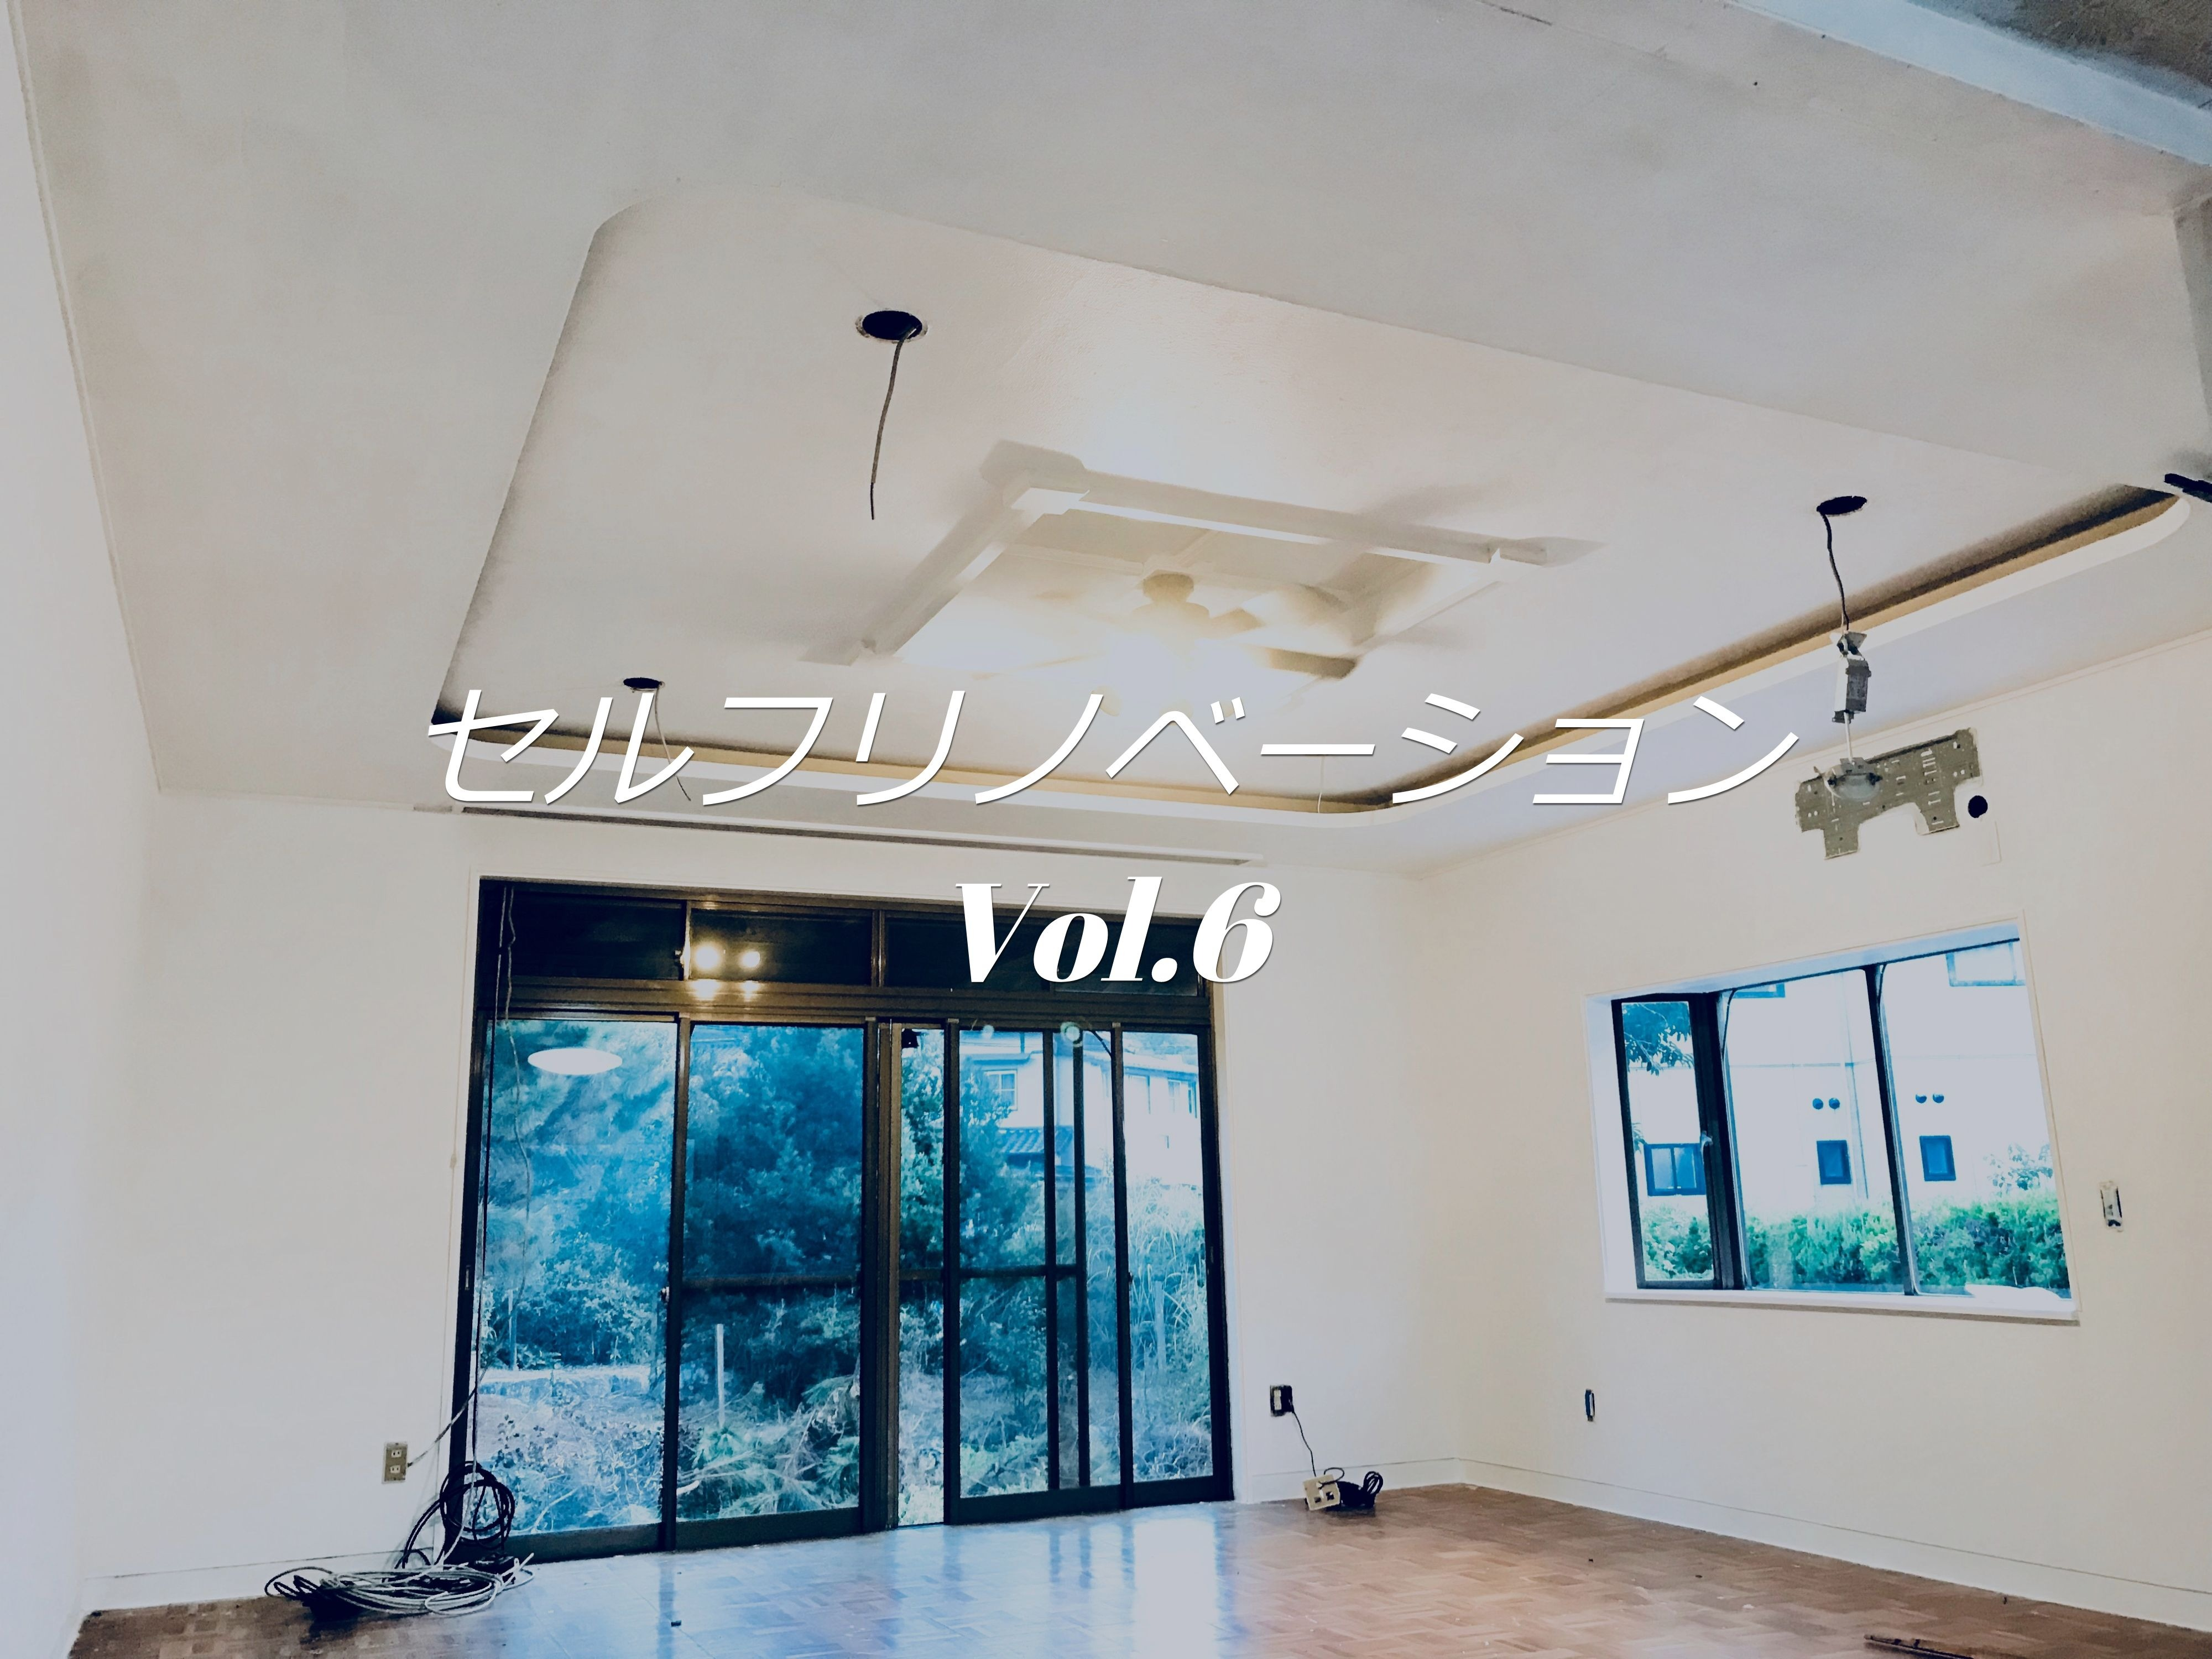 Diyで部屋の壁と天井にペンキを塗装する 初心者でも簡単 Vol 6